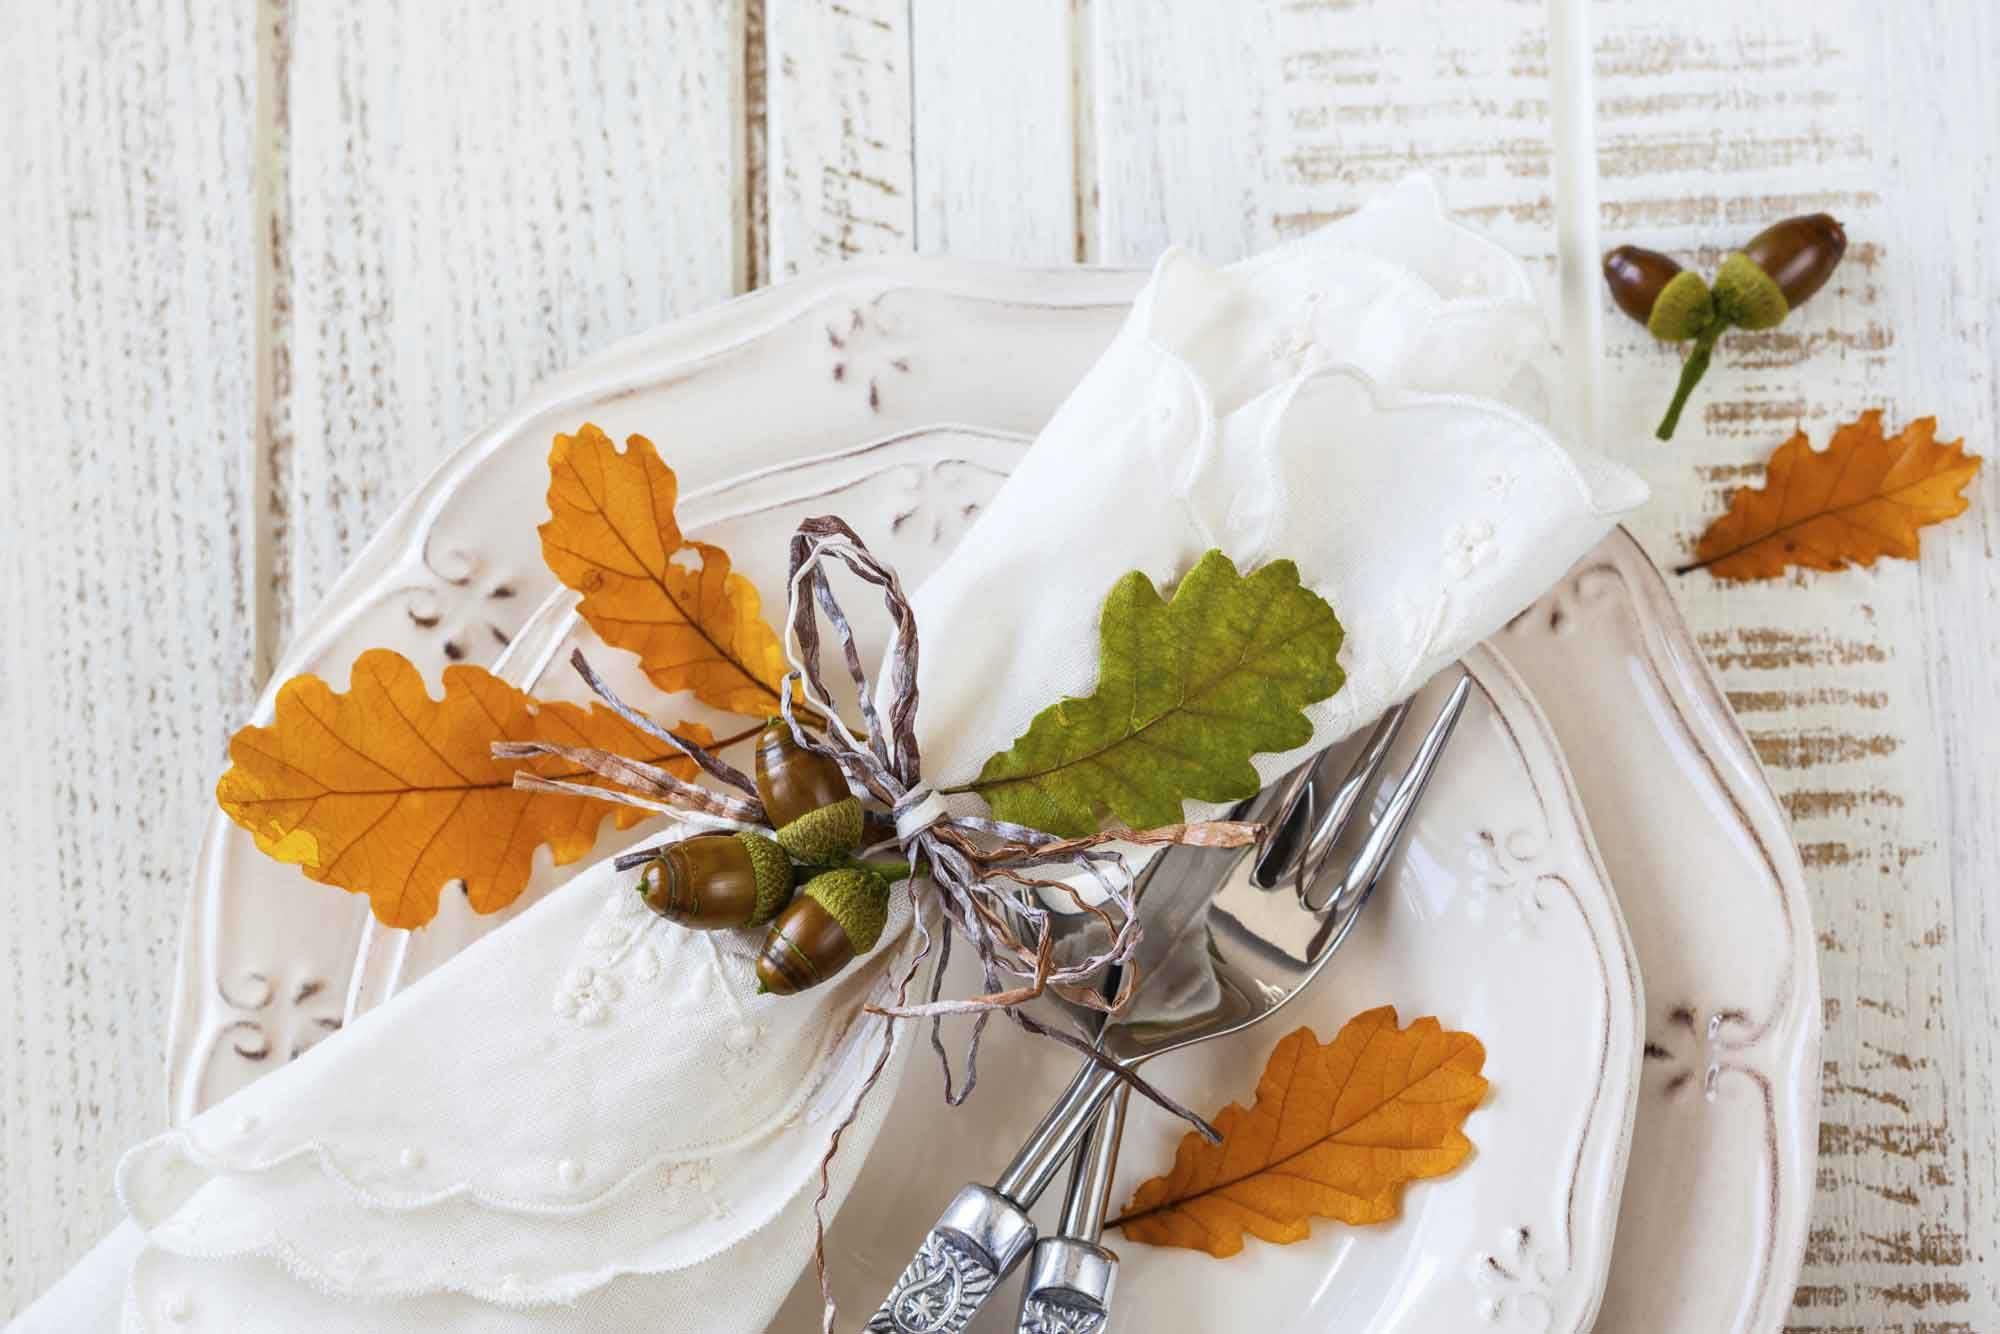 Decoración de otoño para la mesa - Hojas secas